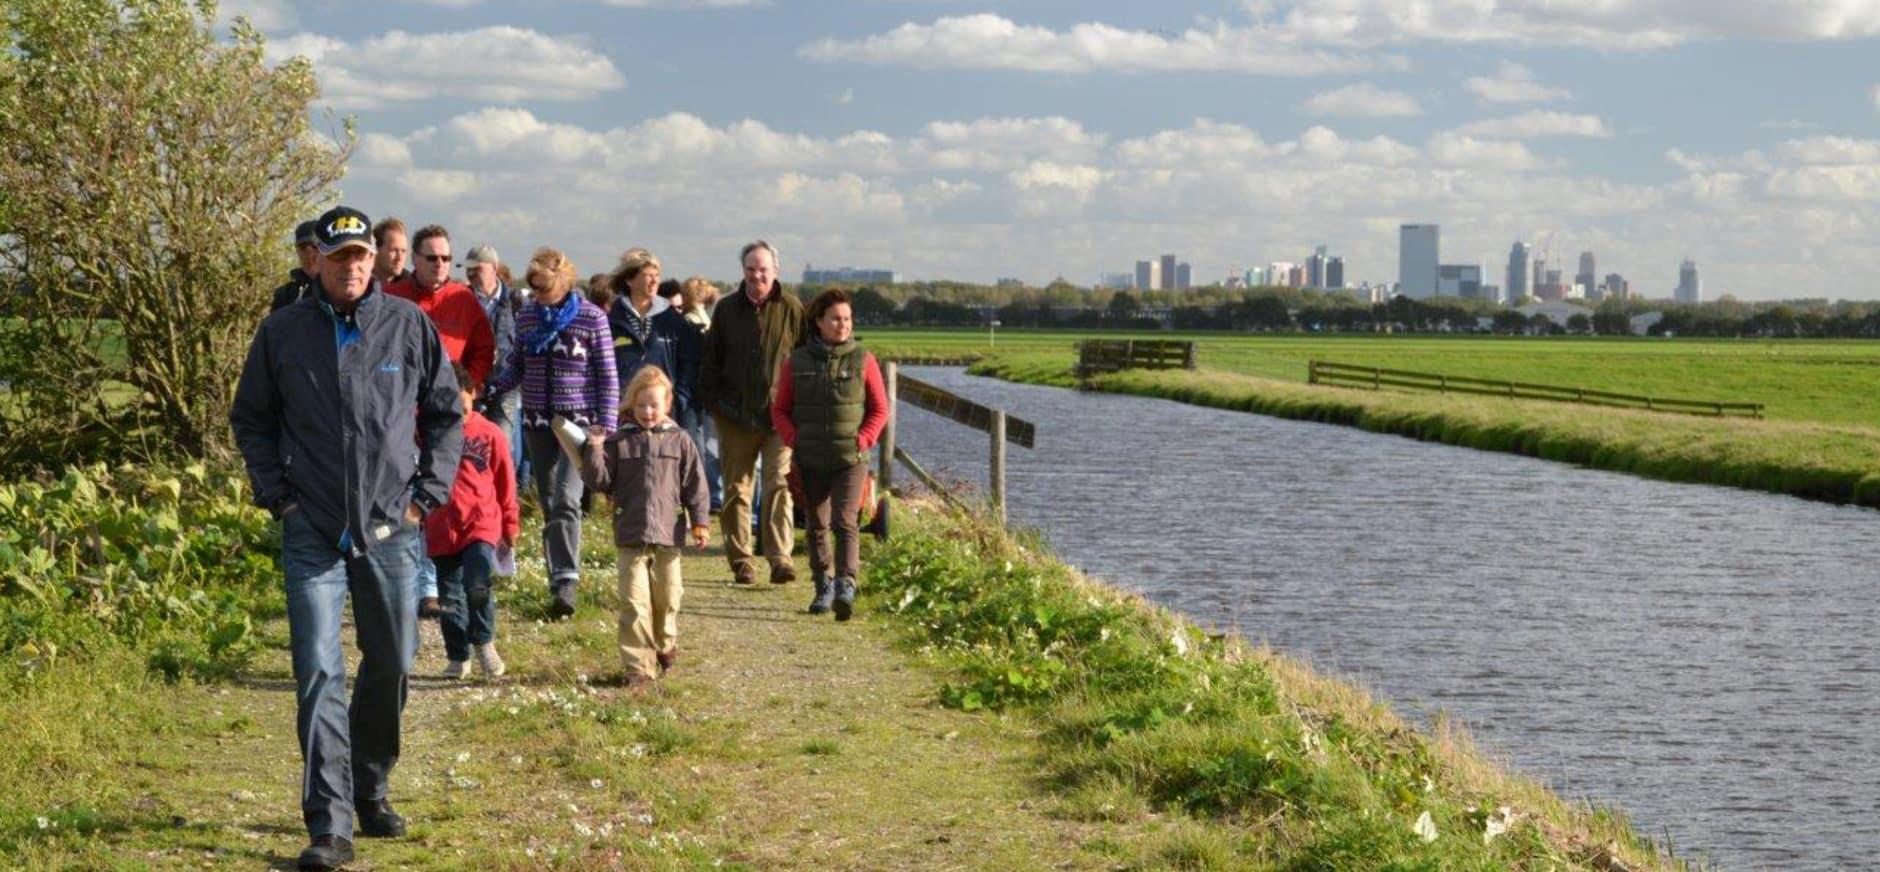 Avontuur in de polder bij Rotterdam